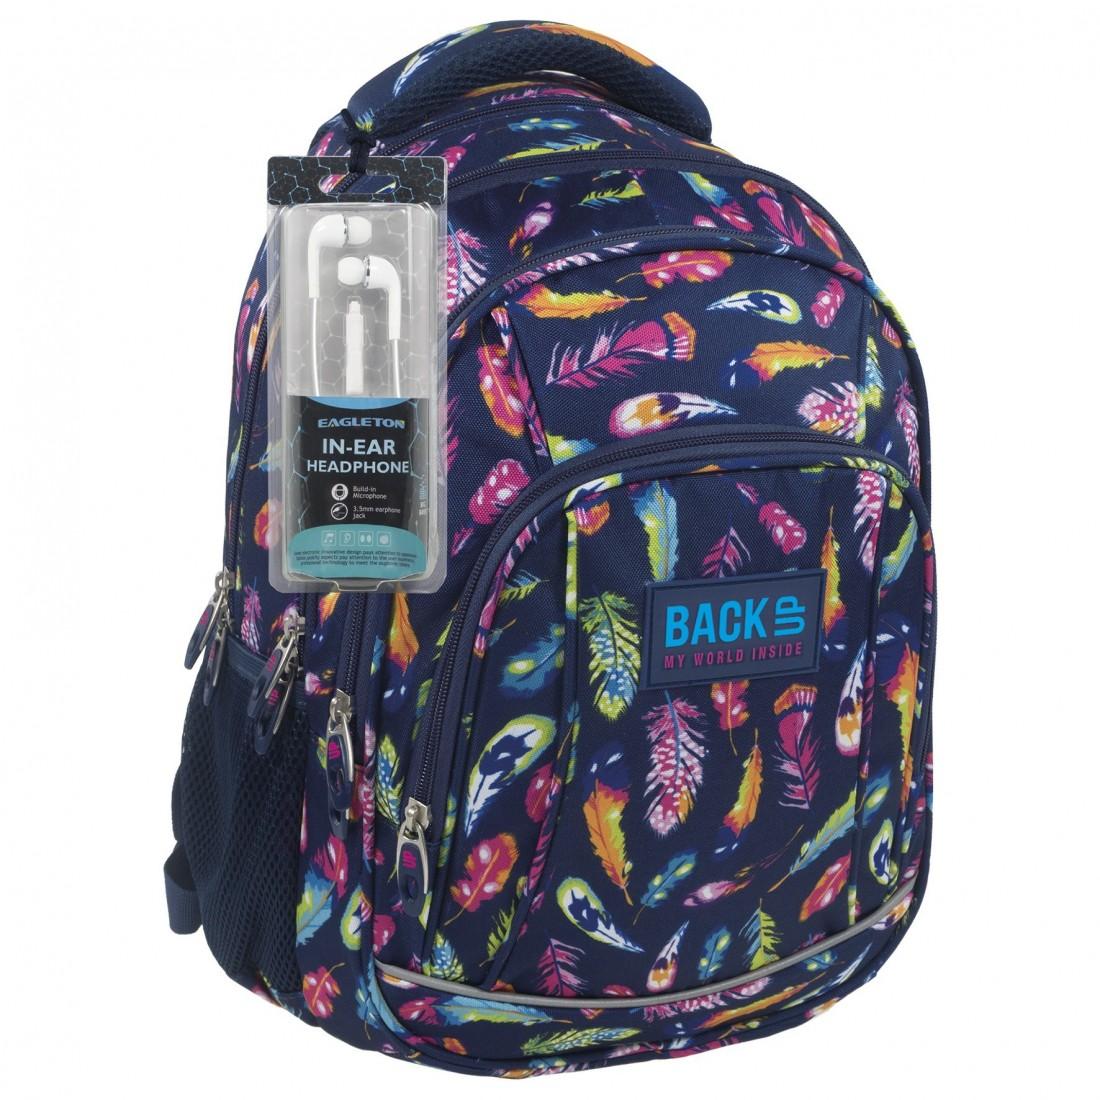 4d87b32765ca1 Supermodny plecak w piórka dla modnej nastolatki - praktyczna budowa i duża  pojemność sprawiają, że to jeden z hitowych modeli plecaków do szkoły.